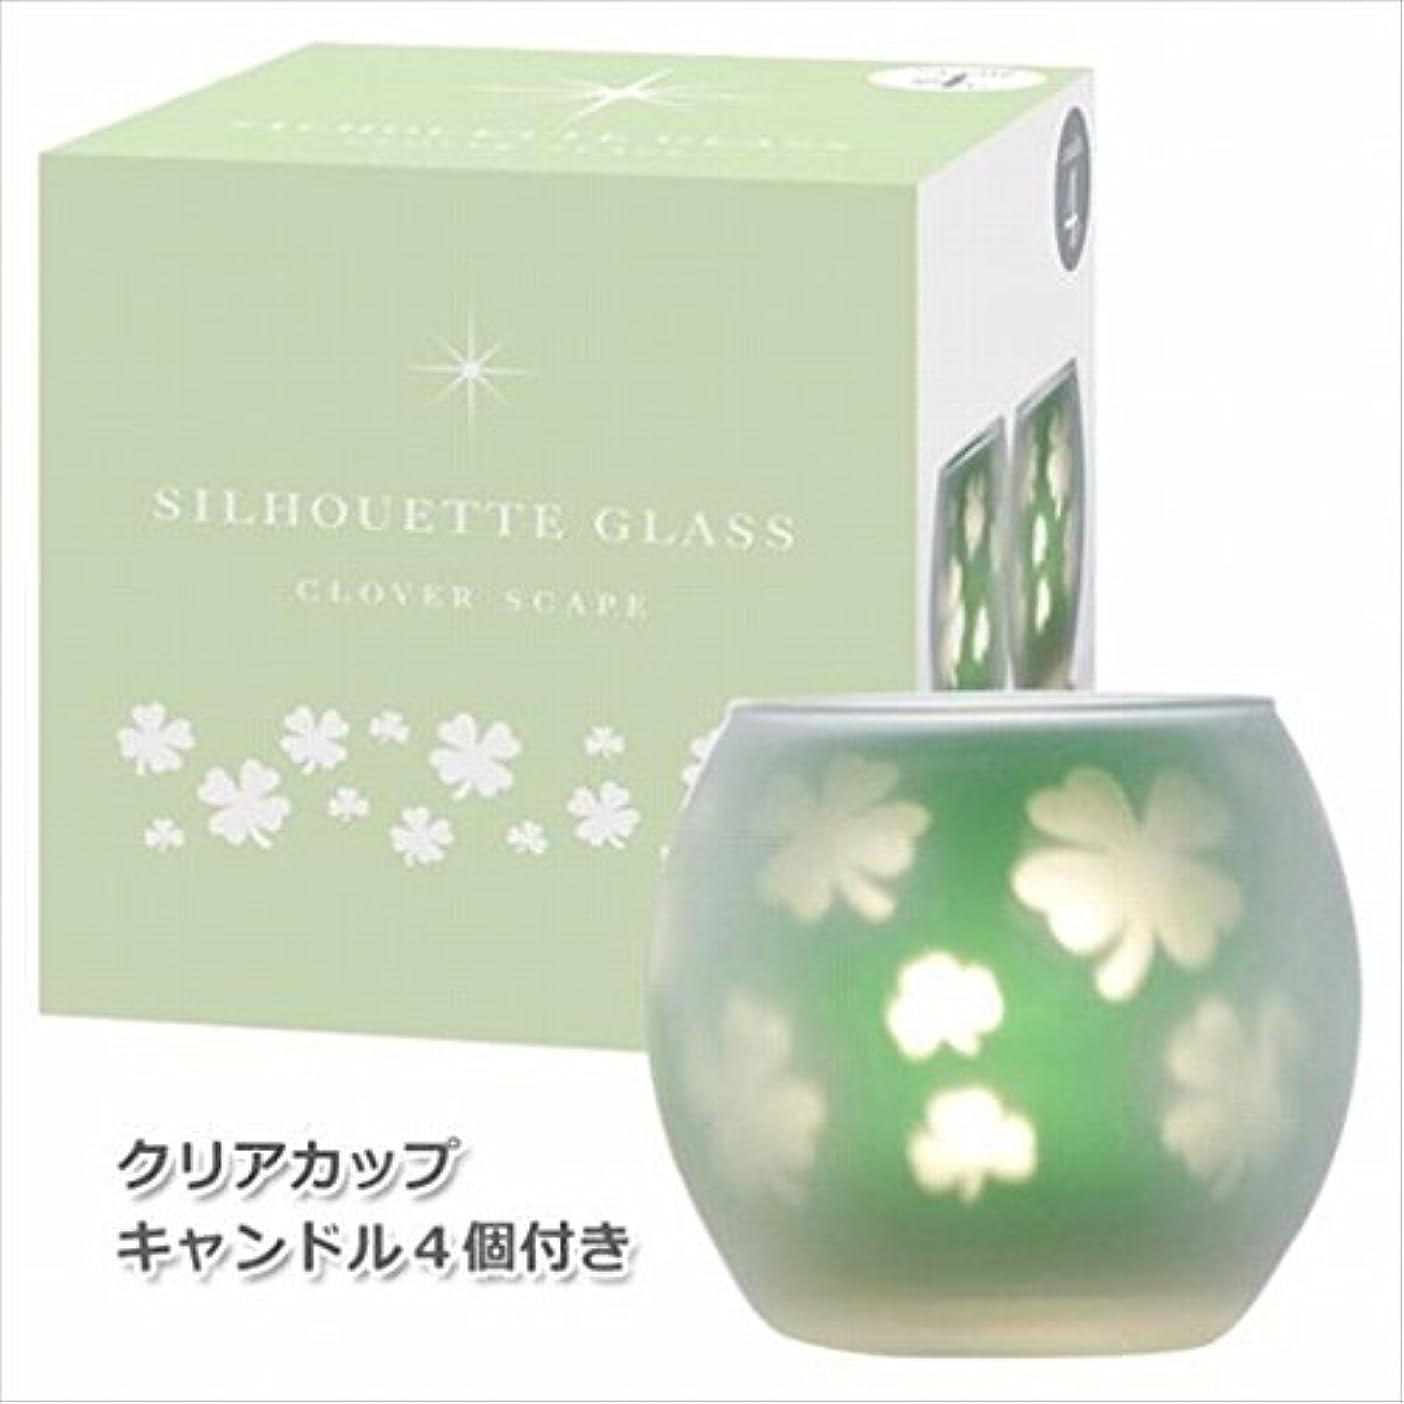 家事をする者意味するカメヤマキャンドル(kameyama candle) クローバースケープ2【キャンドル4個付き】 シルエットグラス